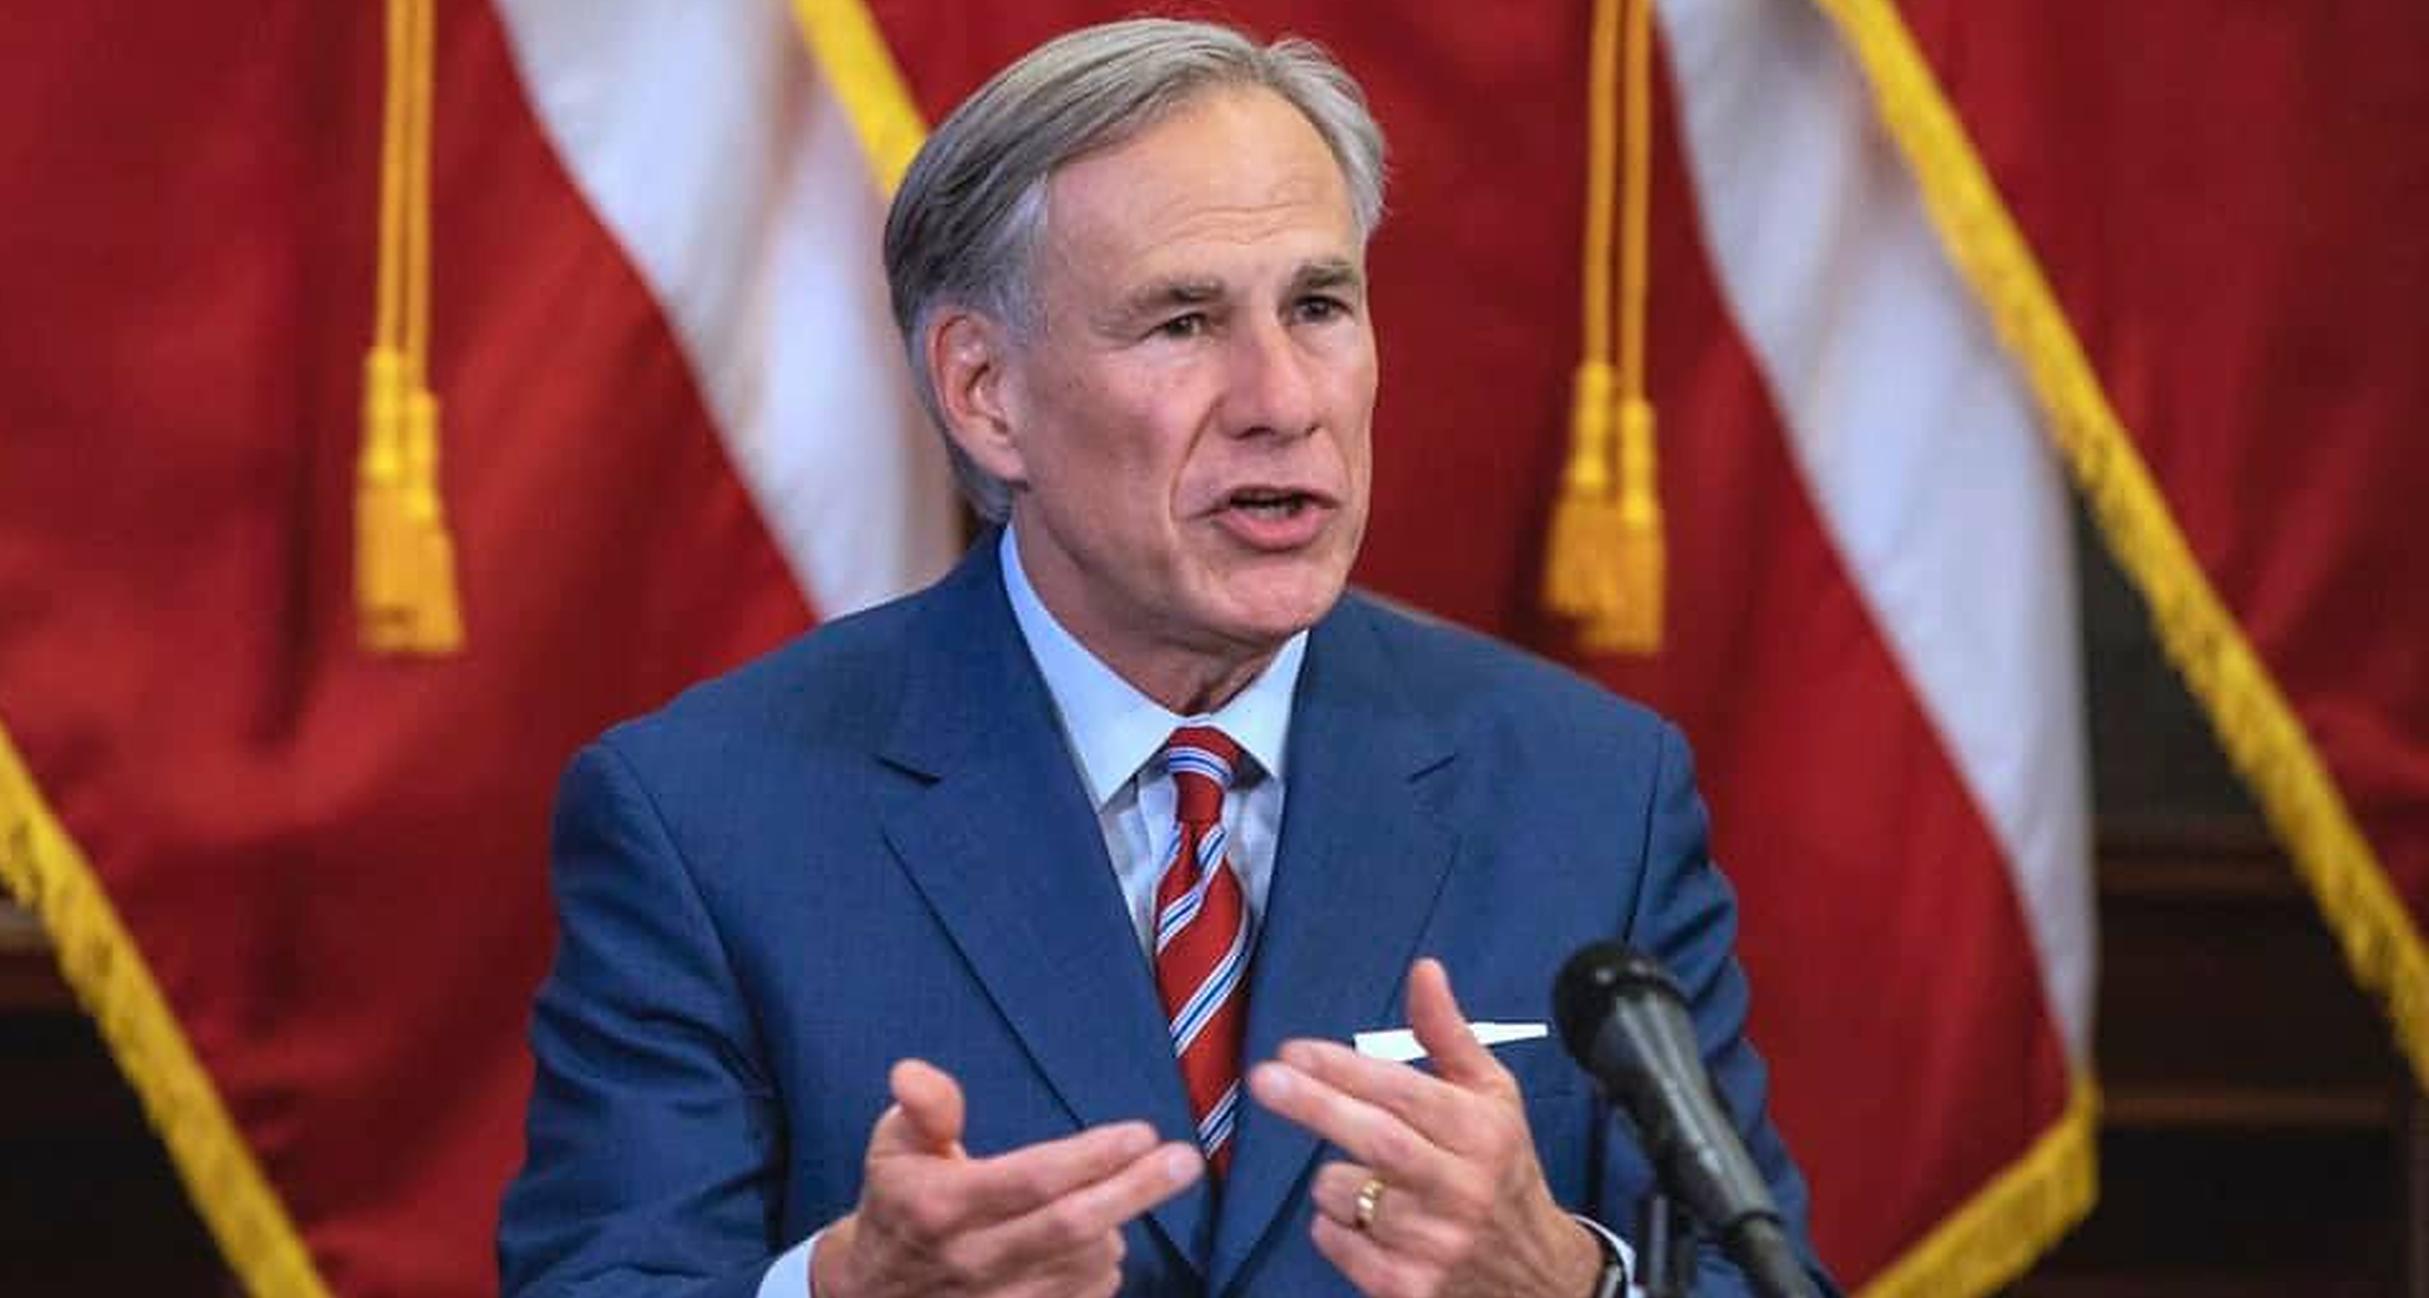 Guvernatorul din Texas interzice pașapoartele Covid. Companiile nu au dreptul de a solicita clienților dovada vaccinării